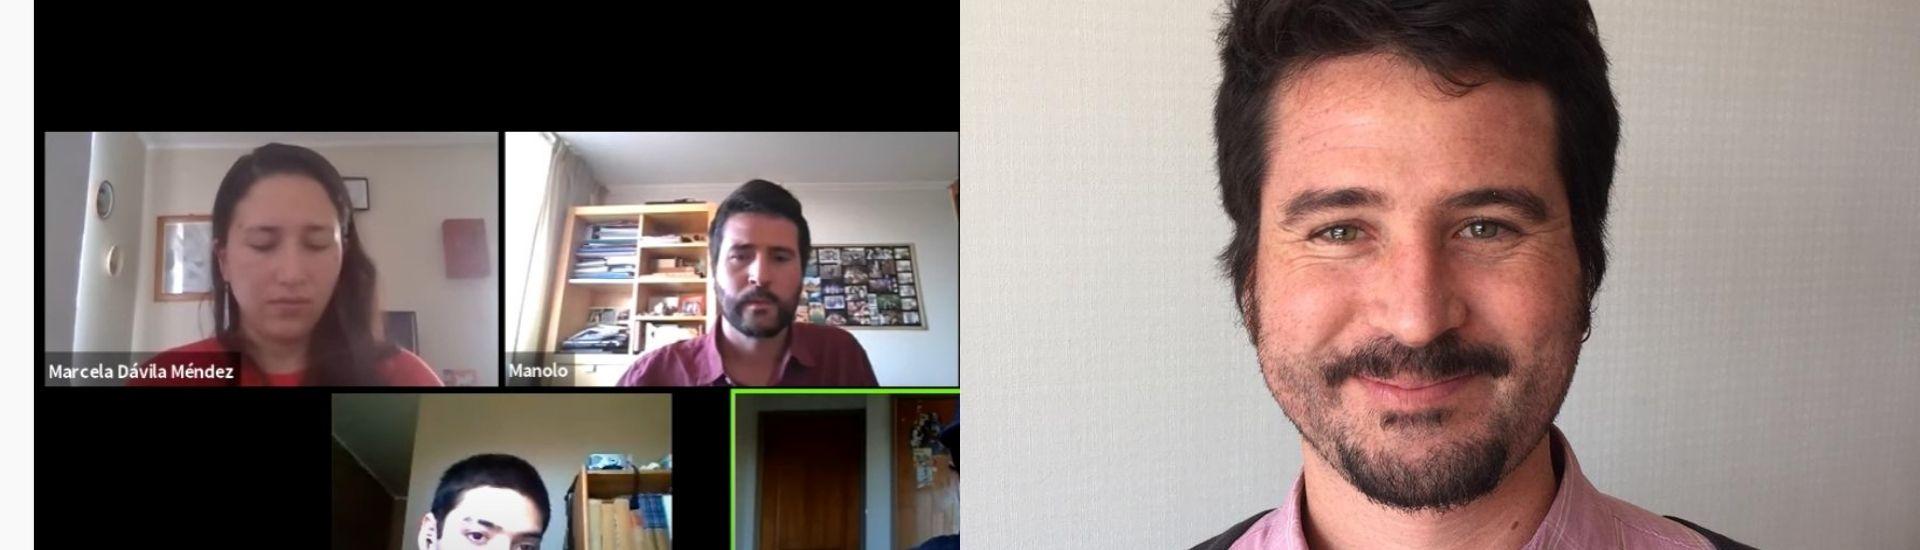 Imágenes del profesor Manuel Calcagni, se ve un retrato de frente y una imagen de él en una clase vía Zoom